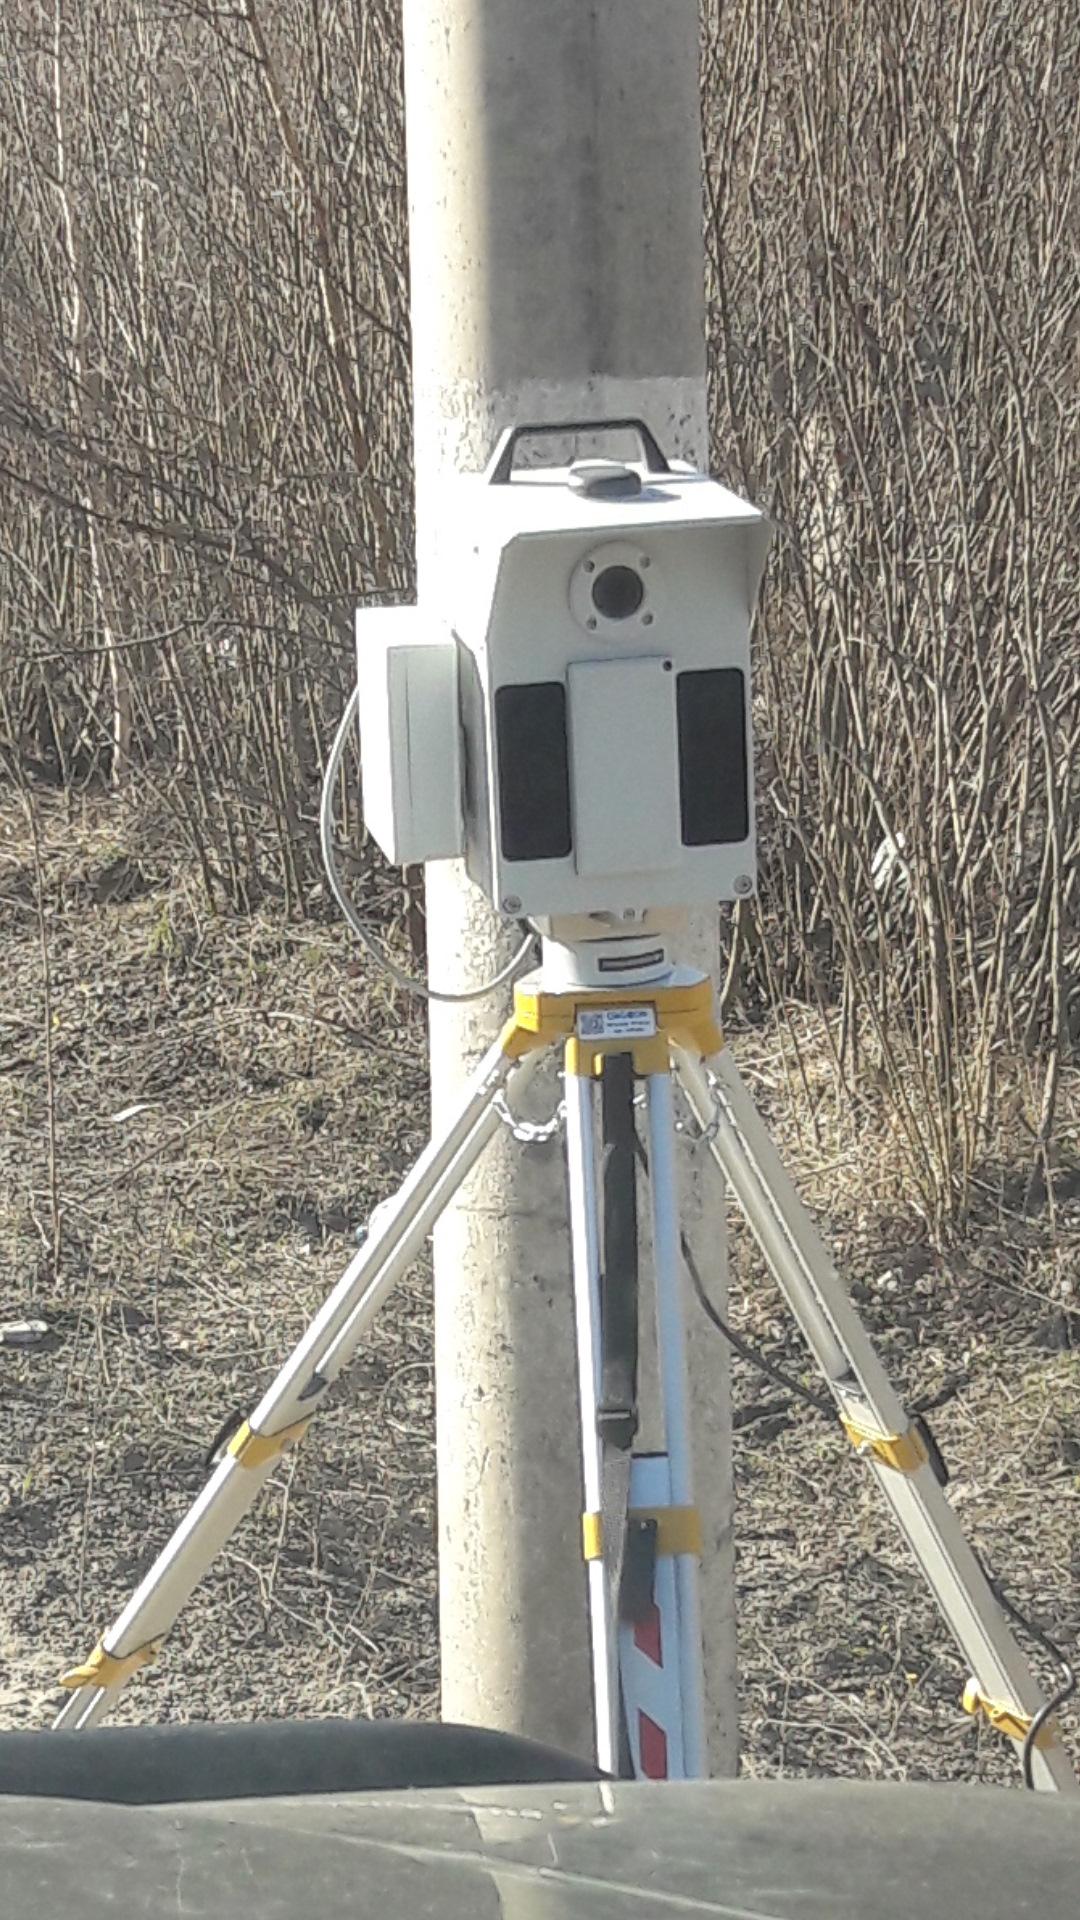 Радар гибдд своими руками